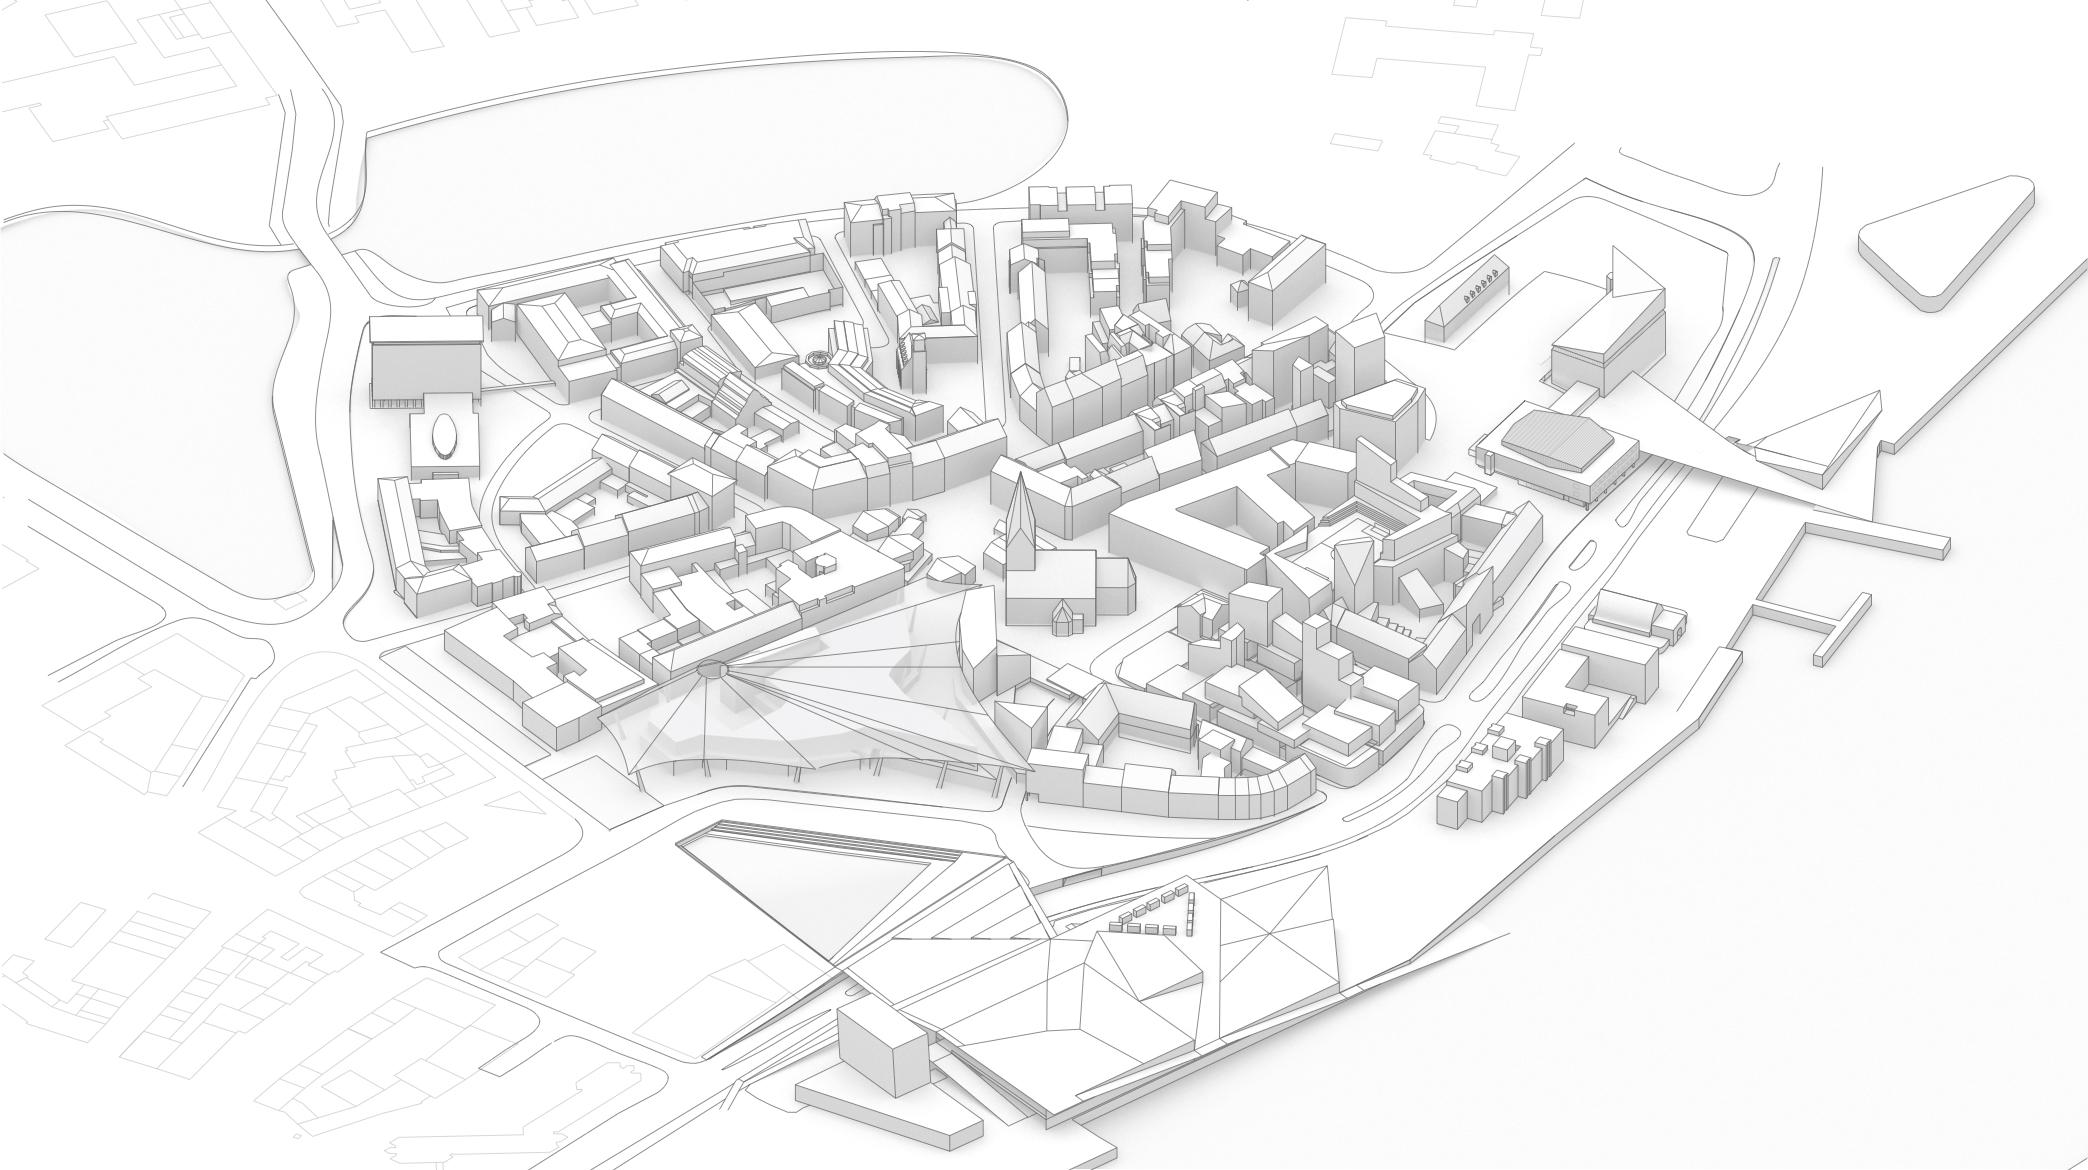 Proposed Kiel Altstadt 2050